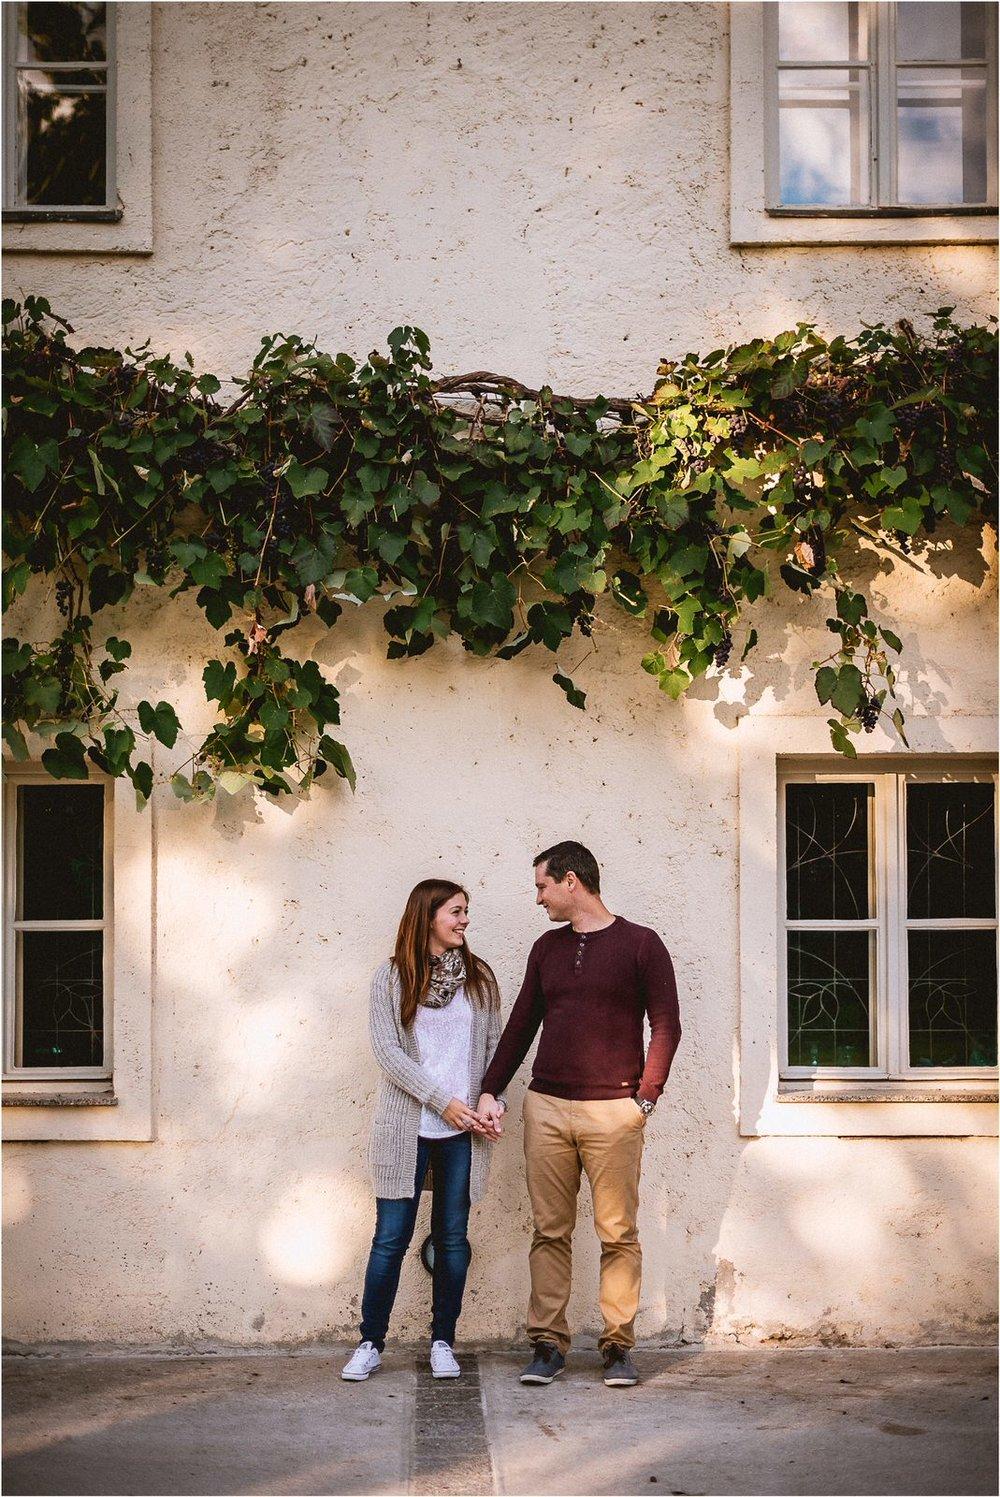 slovenia-brdo-kranj-wedding-engagement-brdo-pri-kranju-poroka-porocni-fotograf-nika-grega 0007.jpg